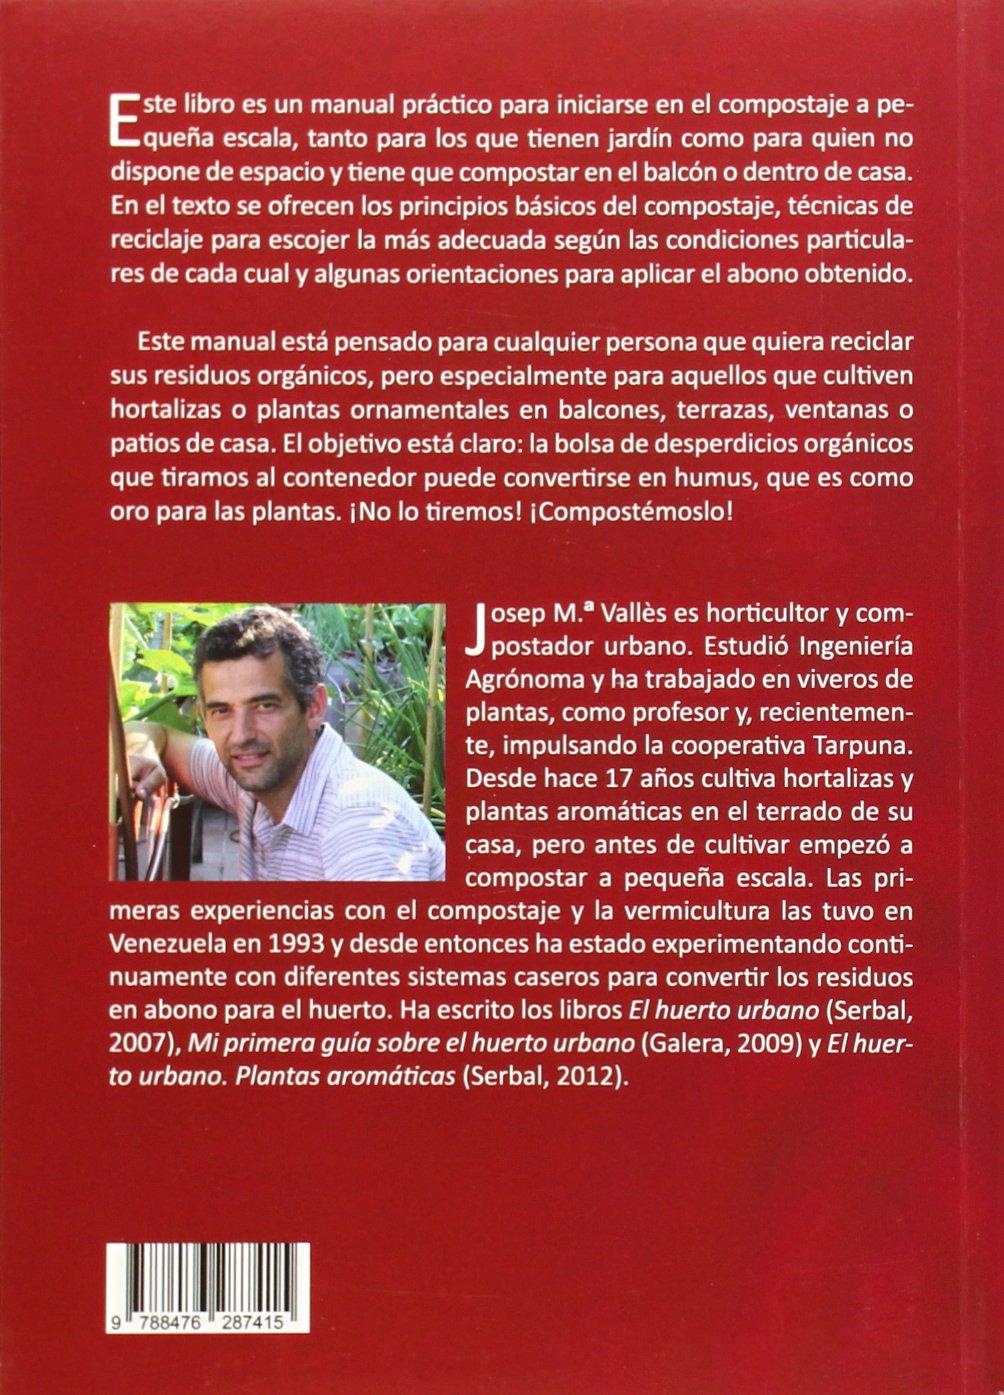 Compostar En Casa. Manual Para Fabricar Abono Con Residuos Del Hogar El arte de vivir: Amazon.es: Josep Mª Vallès Casanova, Susana Rodríguez-Vida: Libros